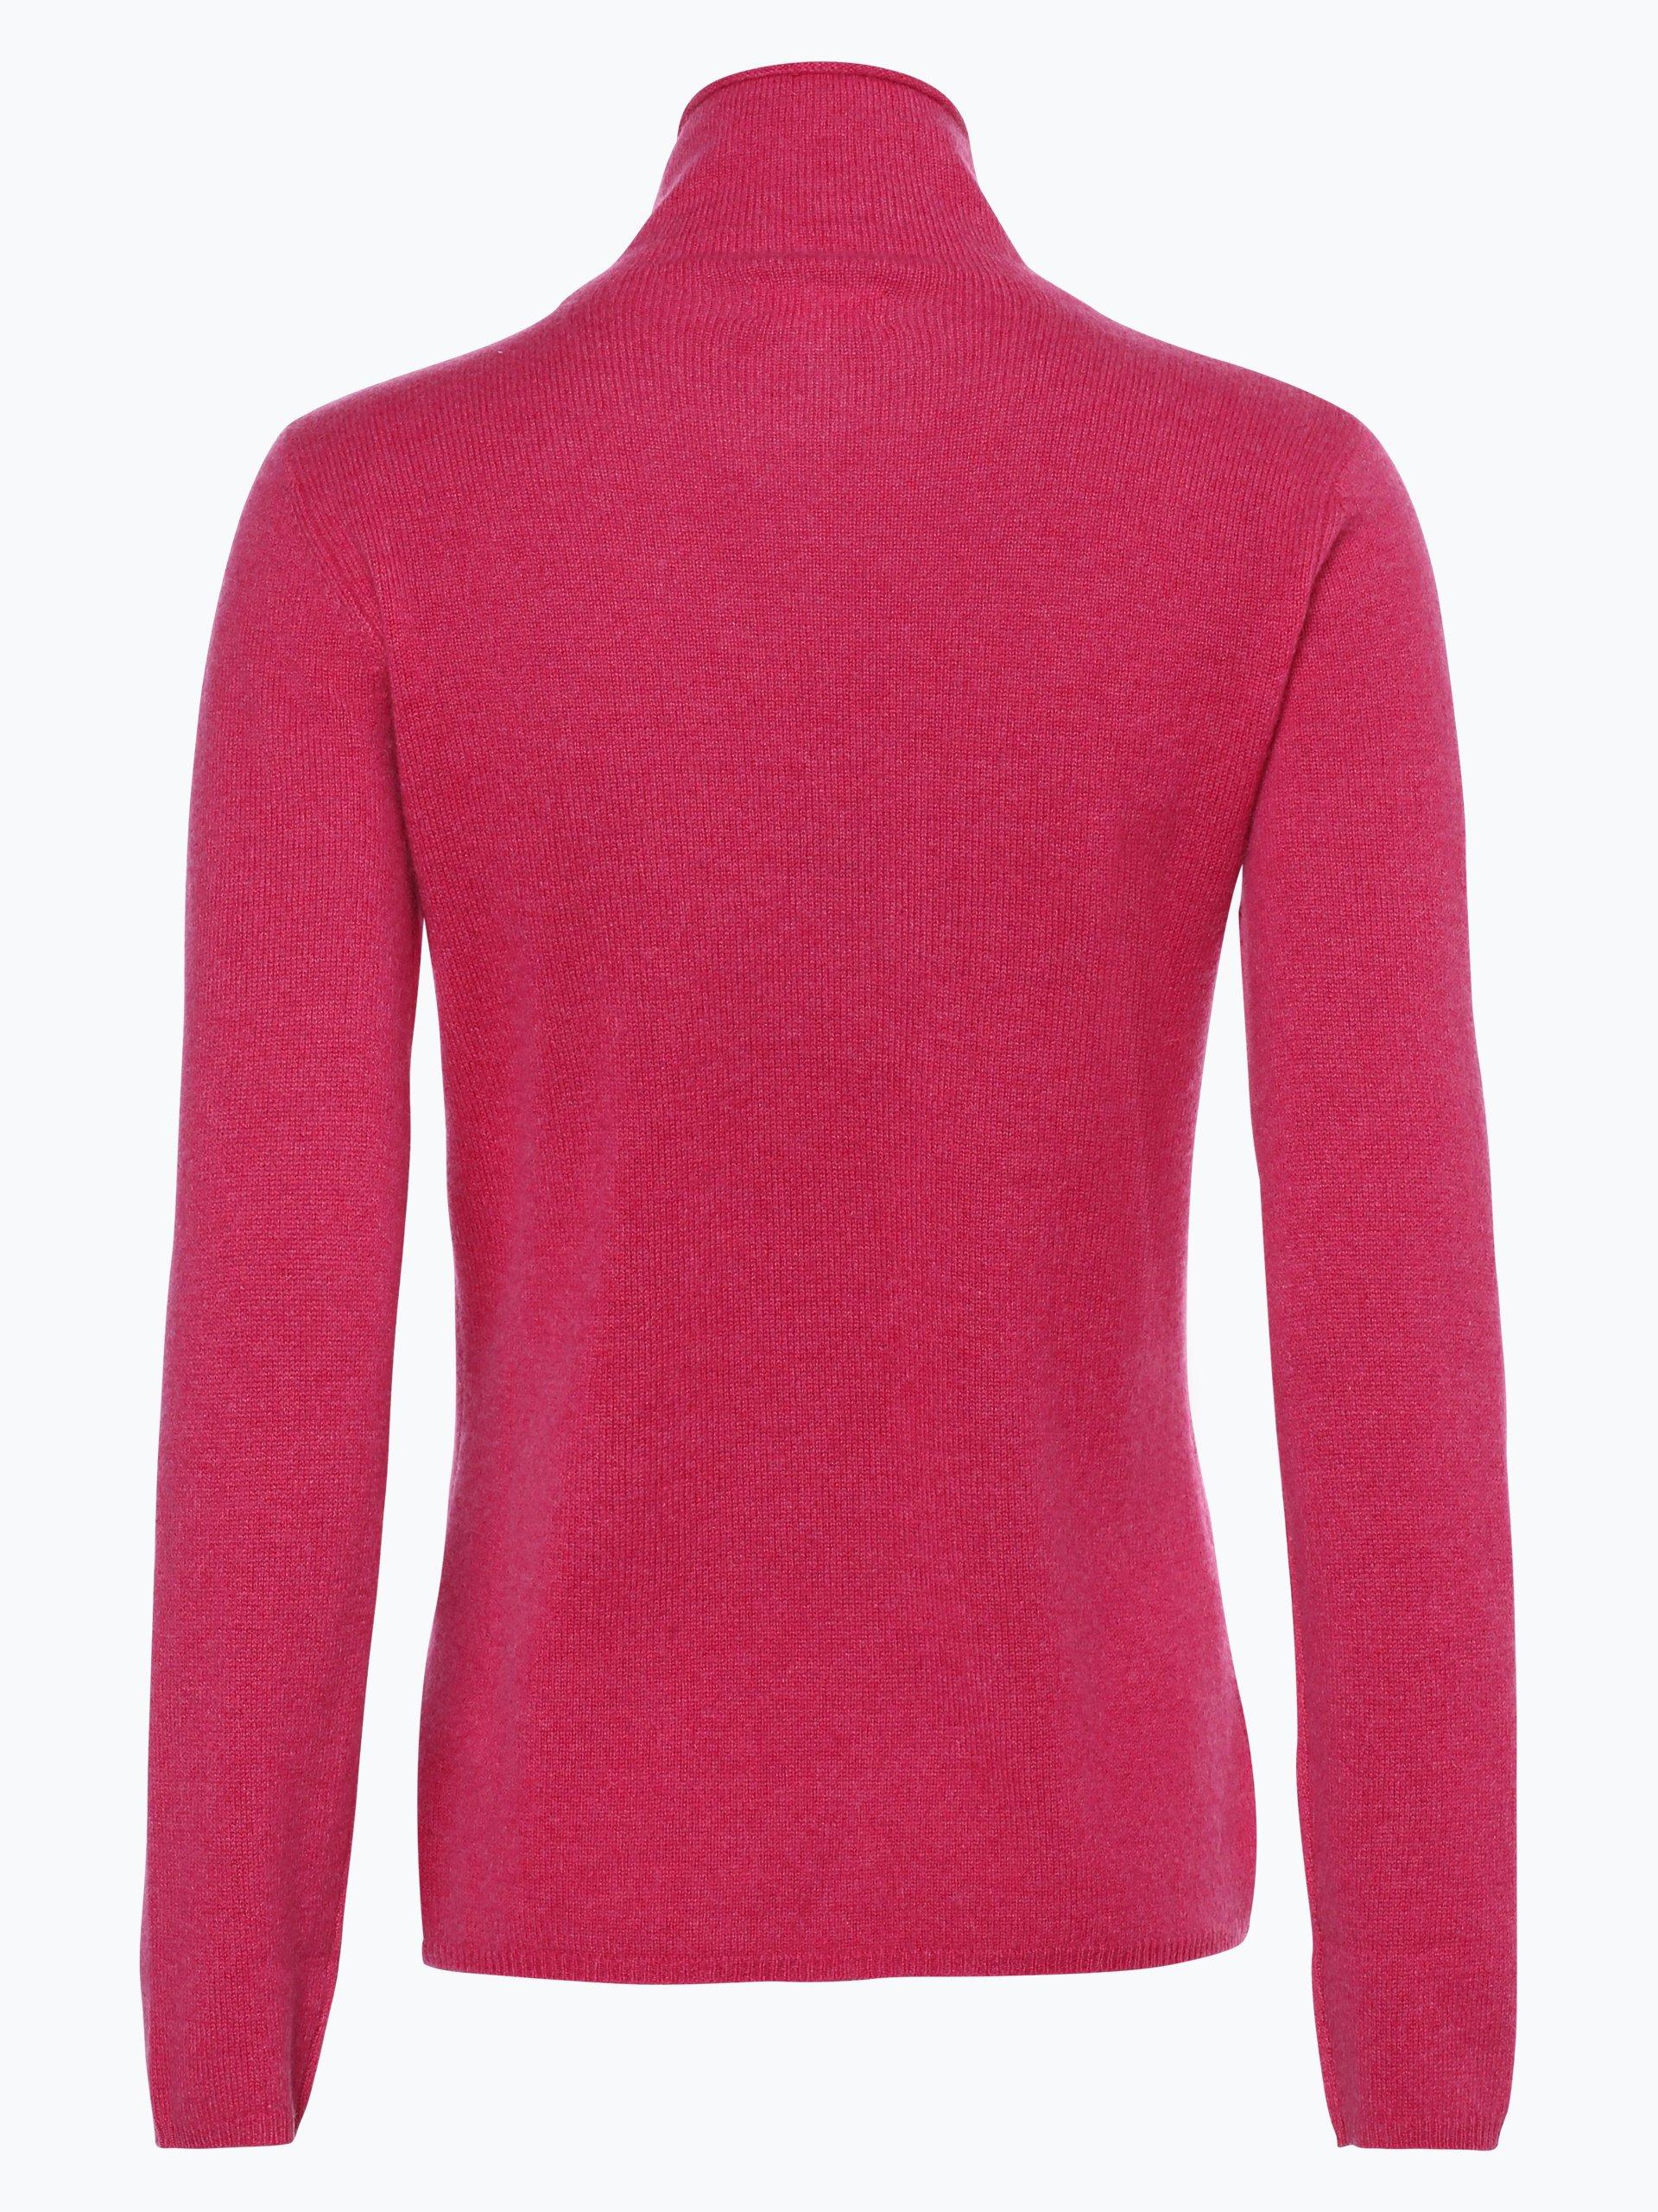 marie lund damen pure cashmere pullover pink uni online kaufen vangraaf com. Black Bedroom Furniture Sets. Home Design Ideas